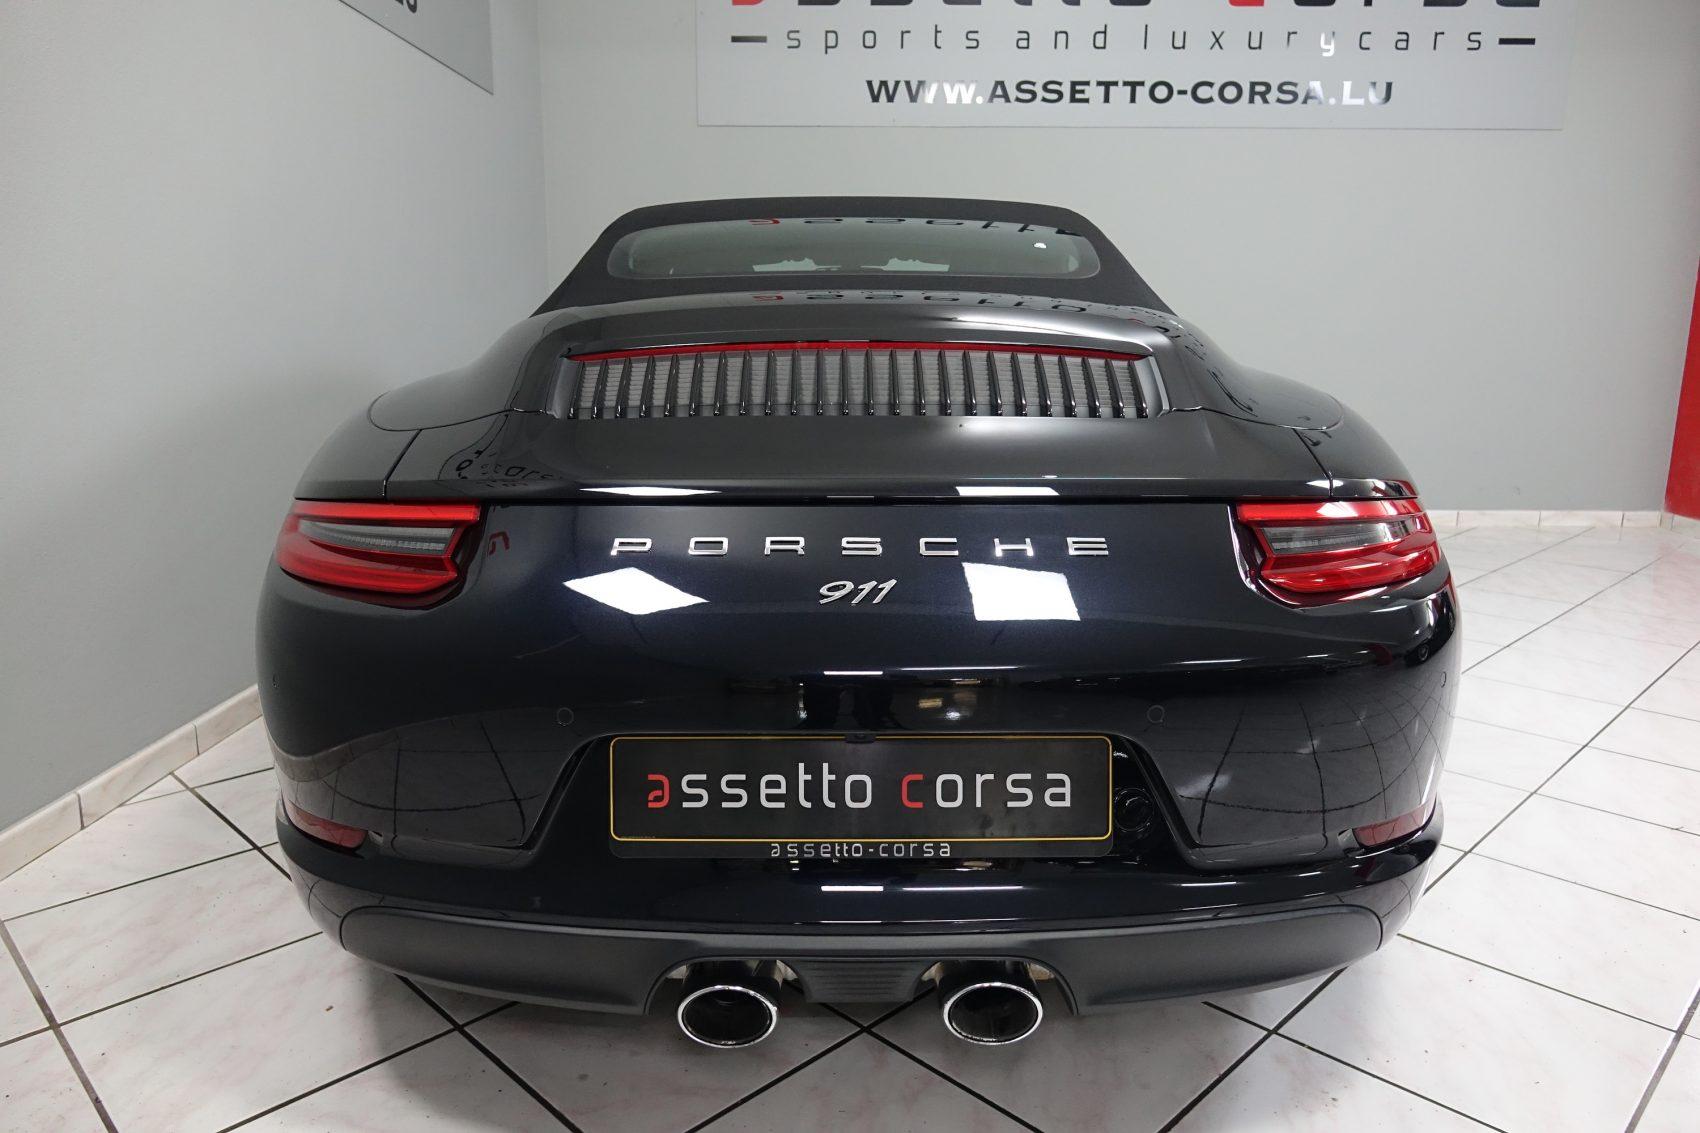 PORSCHE - 911 (991) CARRERA S CABRIOLET - Assetto Corsa